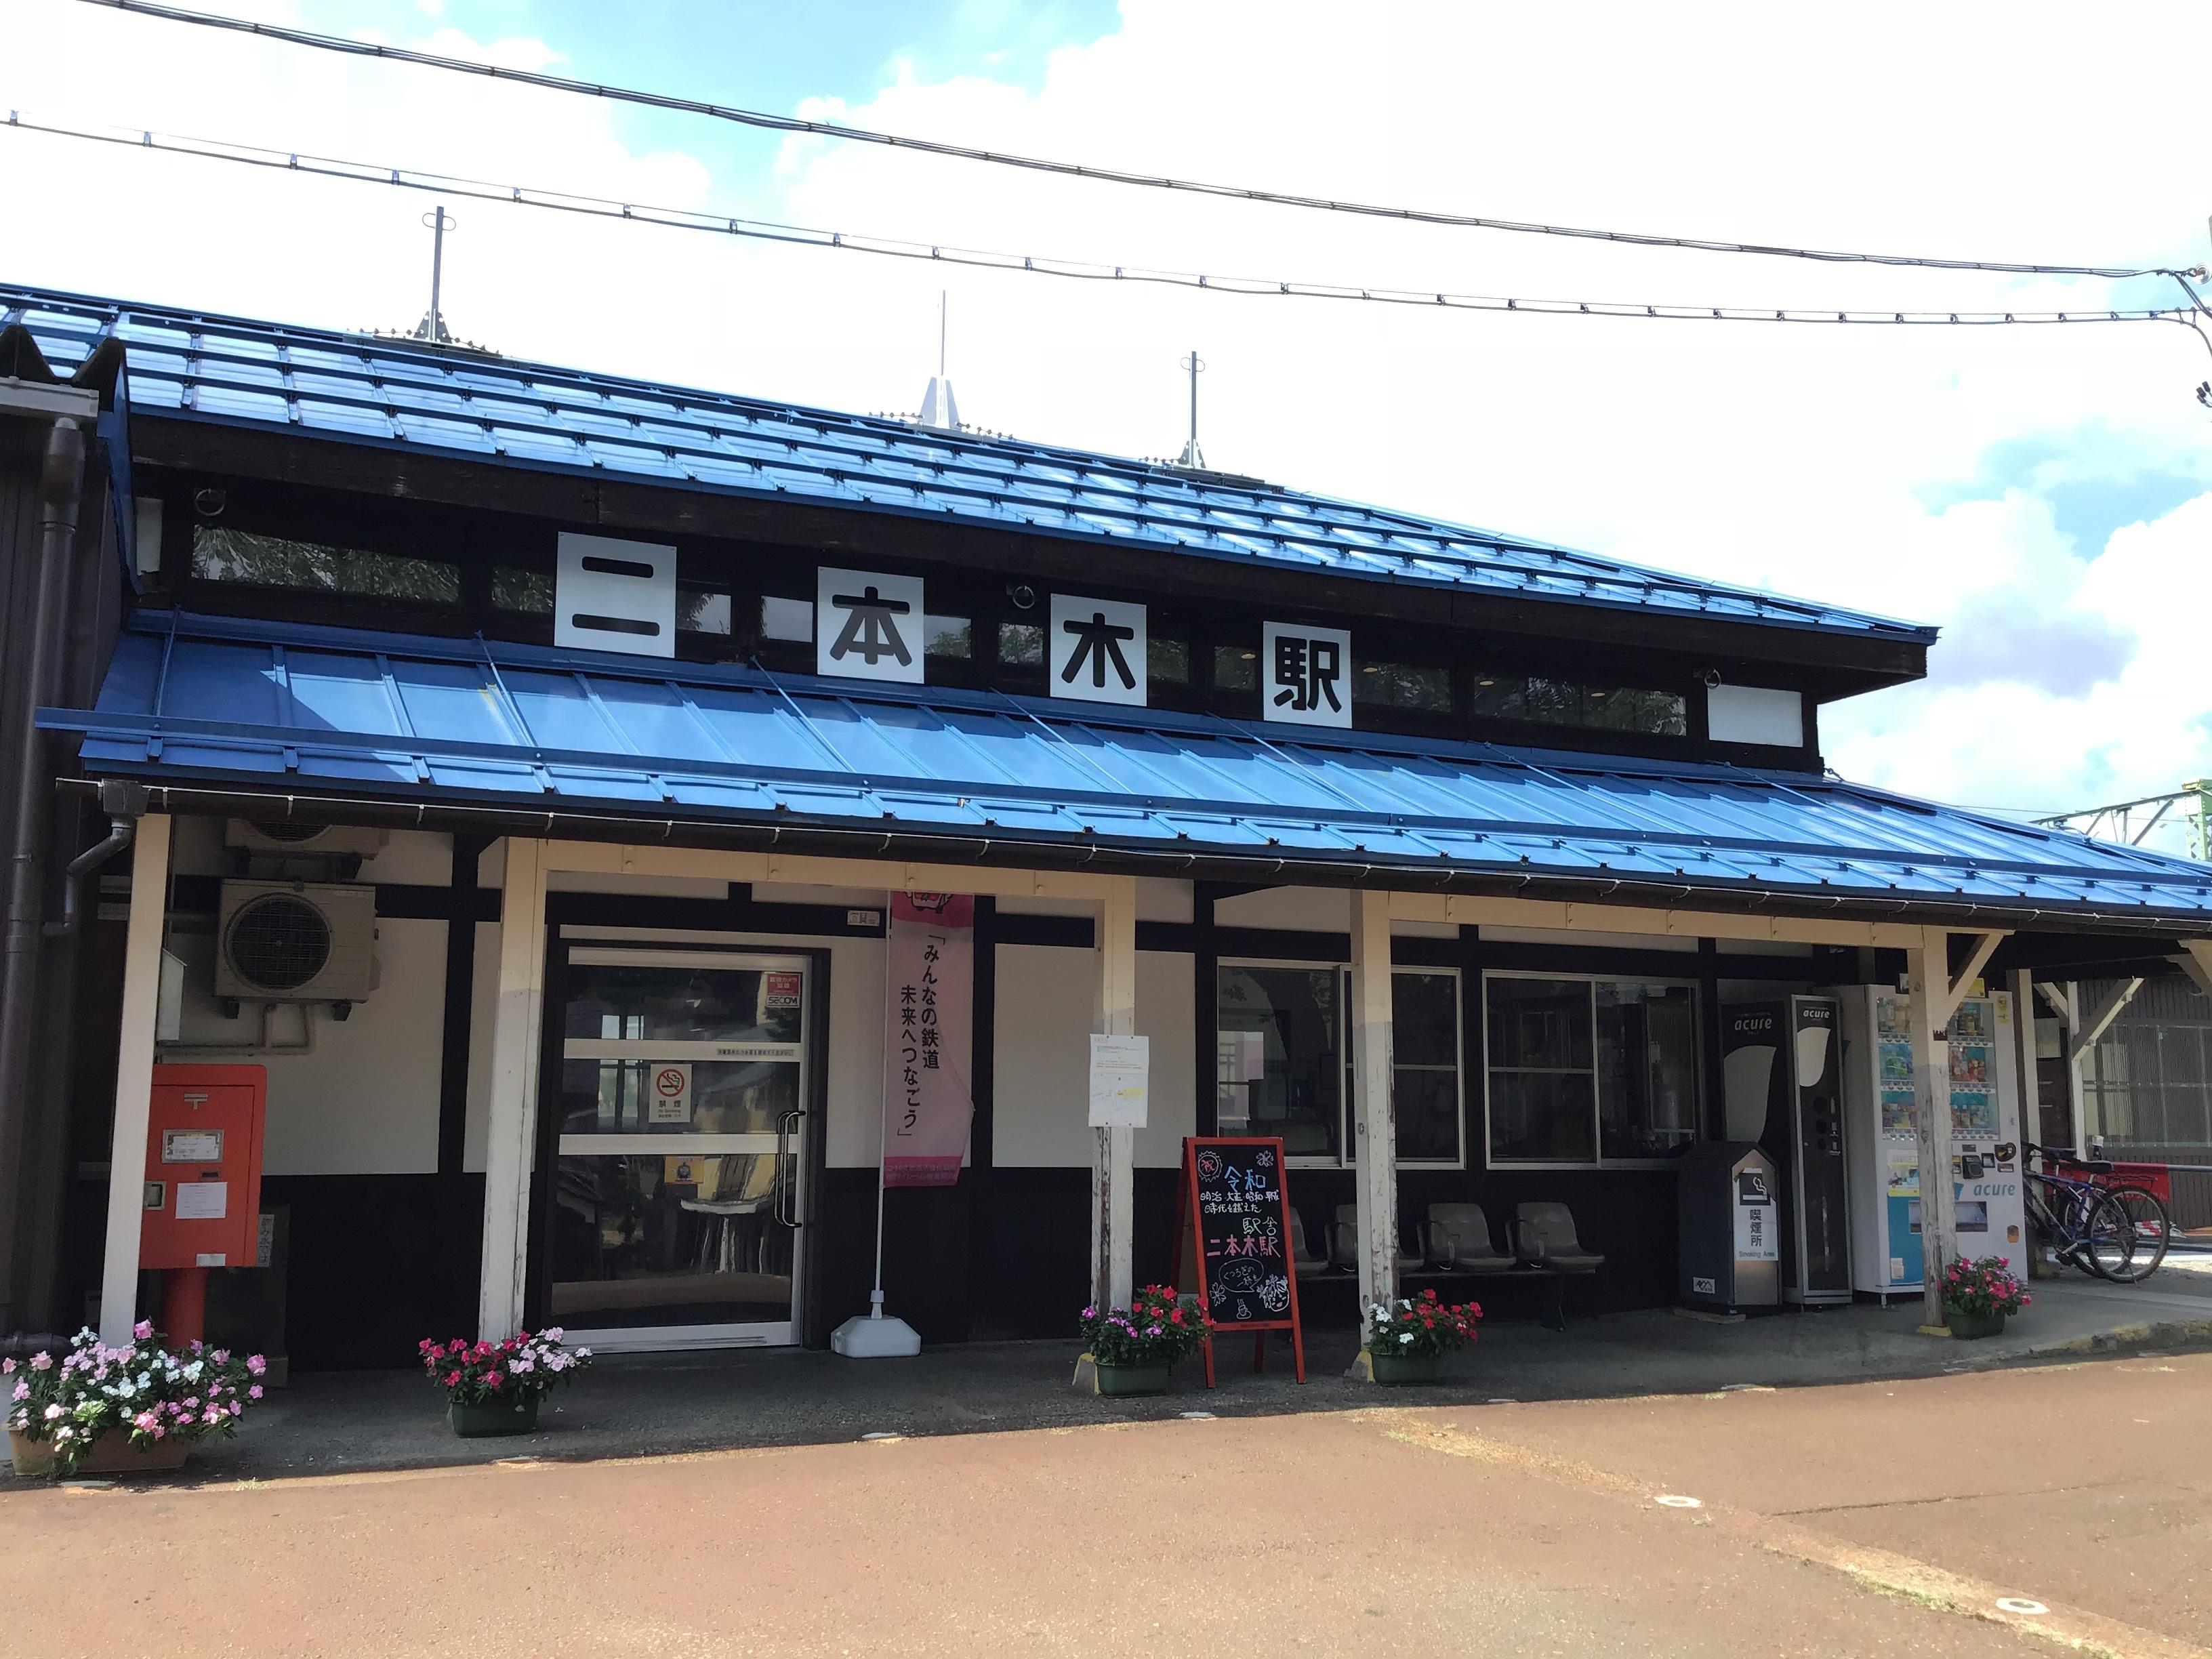 9月26日(木) NHK「ごごナマ」に出演します。